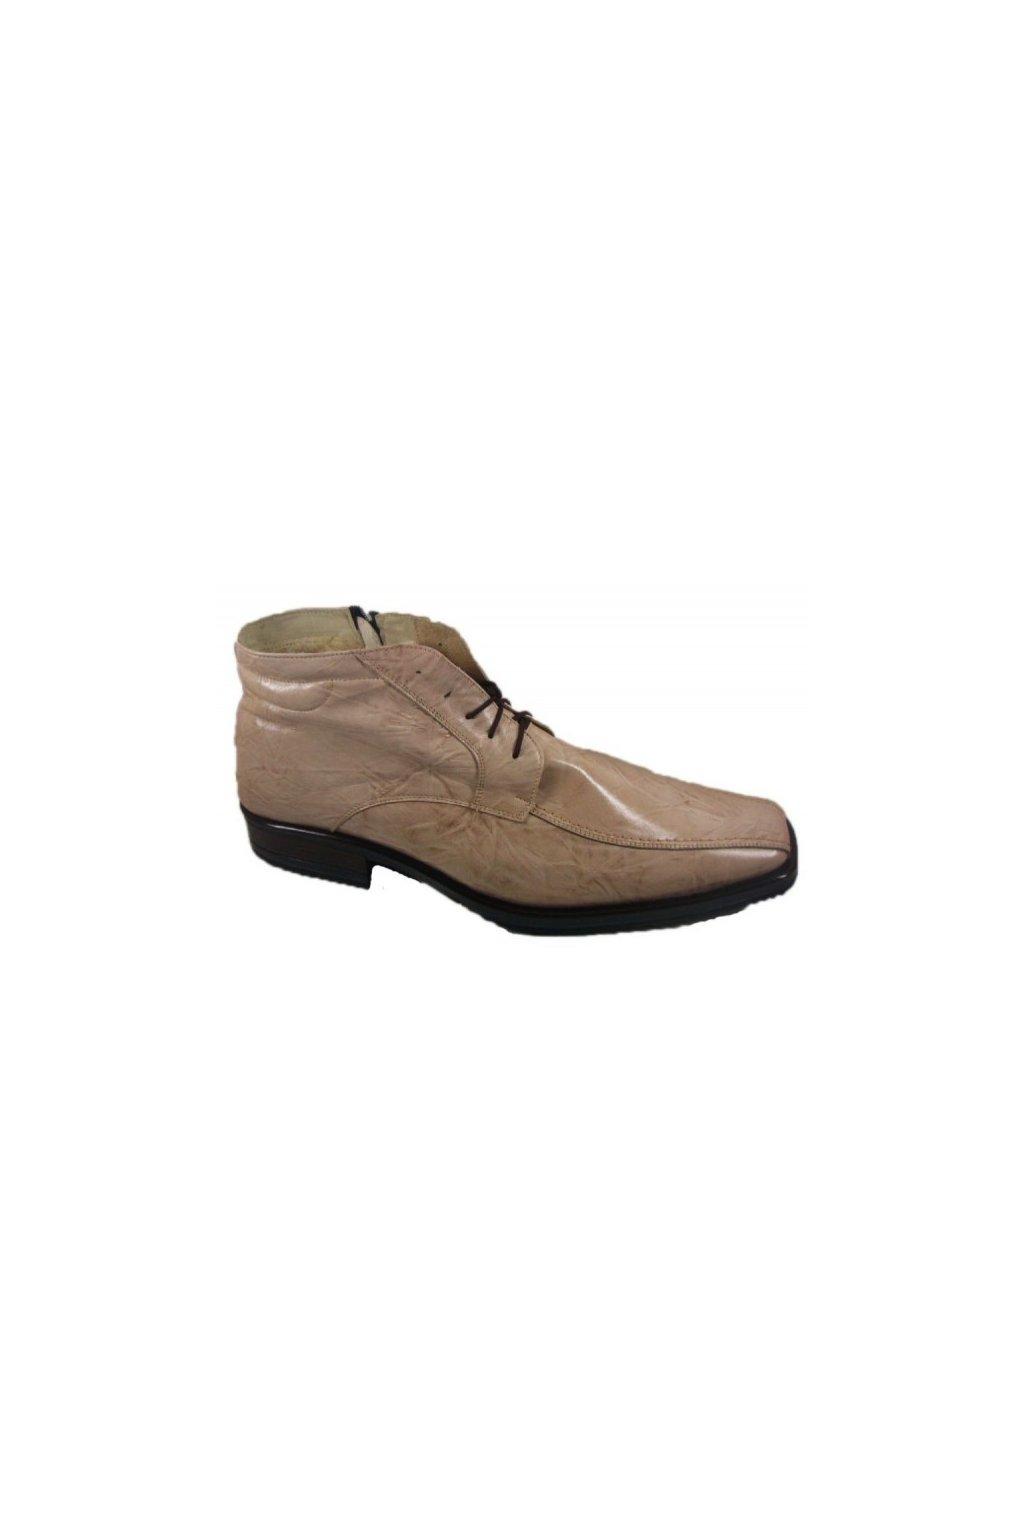 Nadměrná pánská obuv Češvár MZ zip béžová